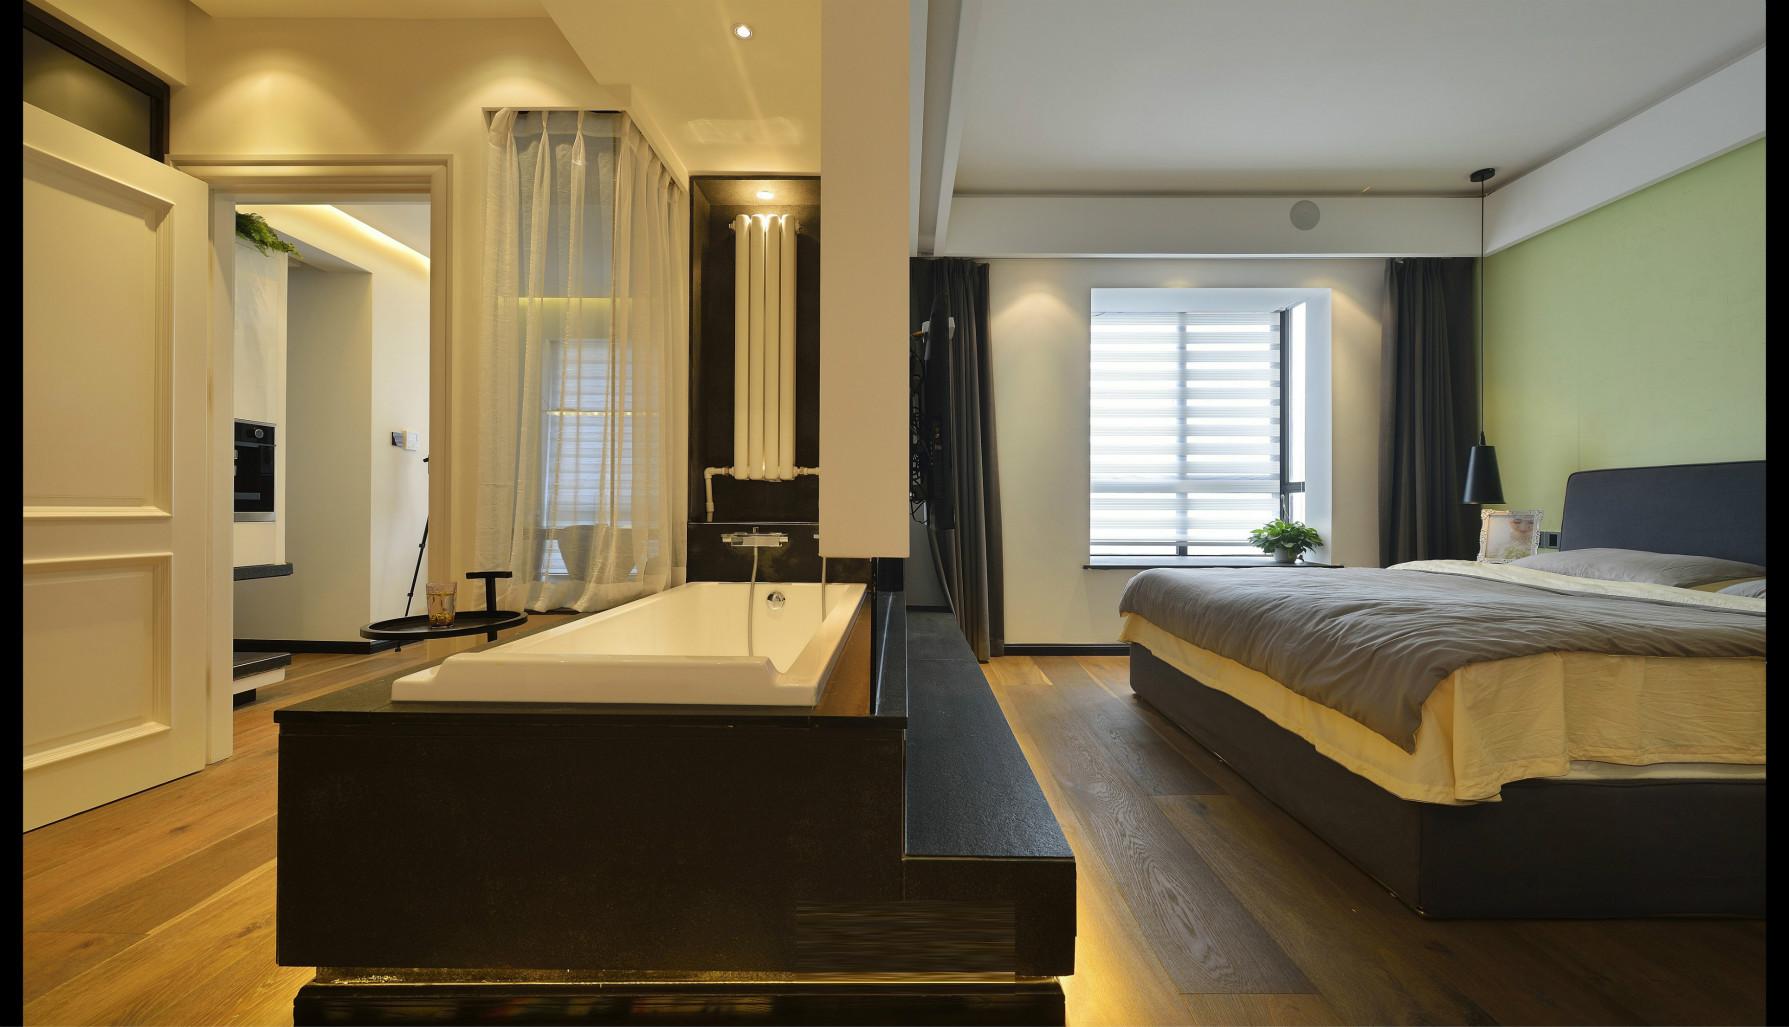 卧室中放置着软包大床,整个简洁自然,吊灯很是别致